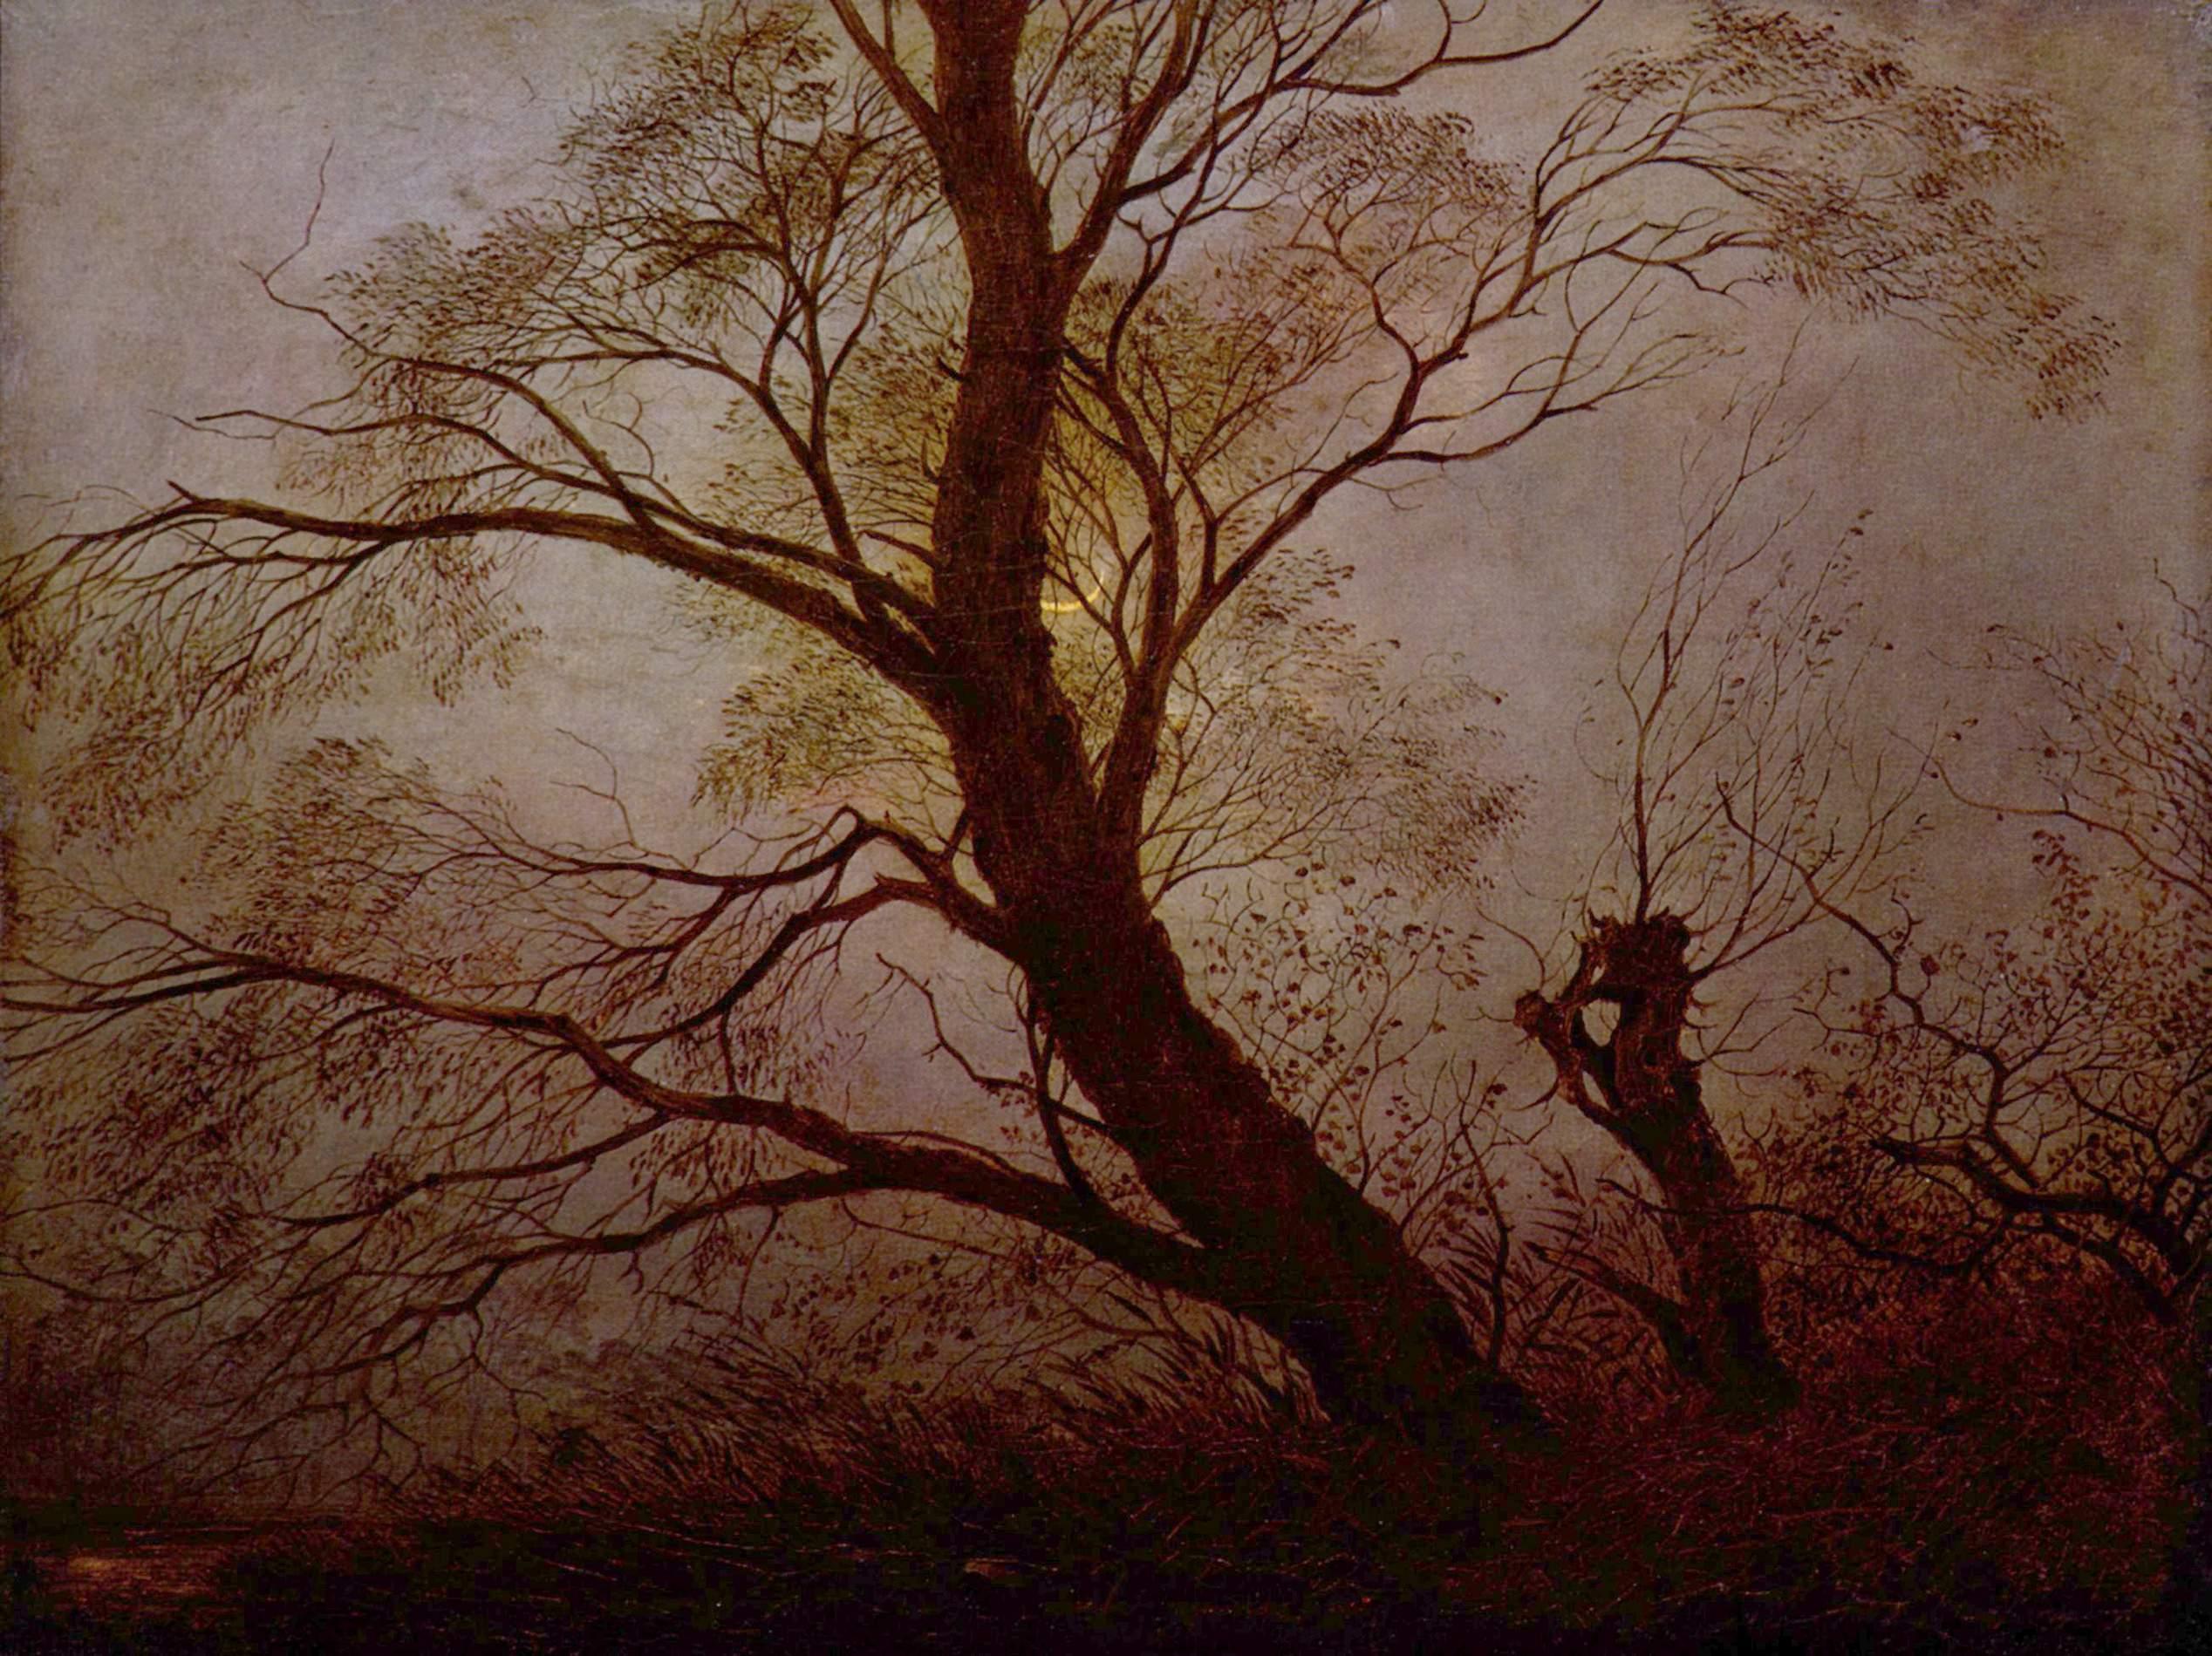 Baum-Ring datiert Schöpfung